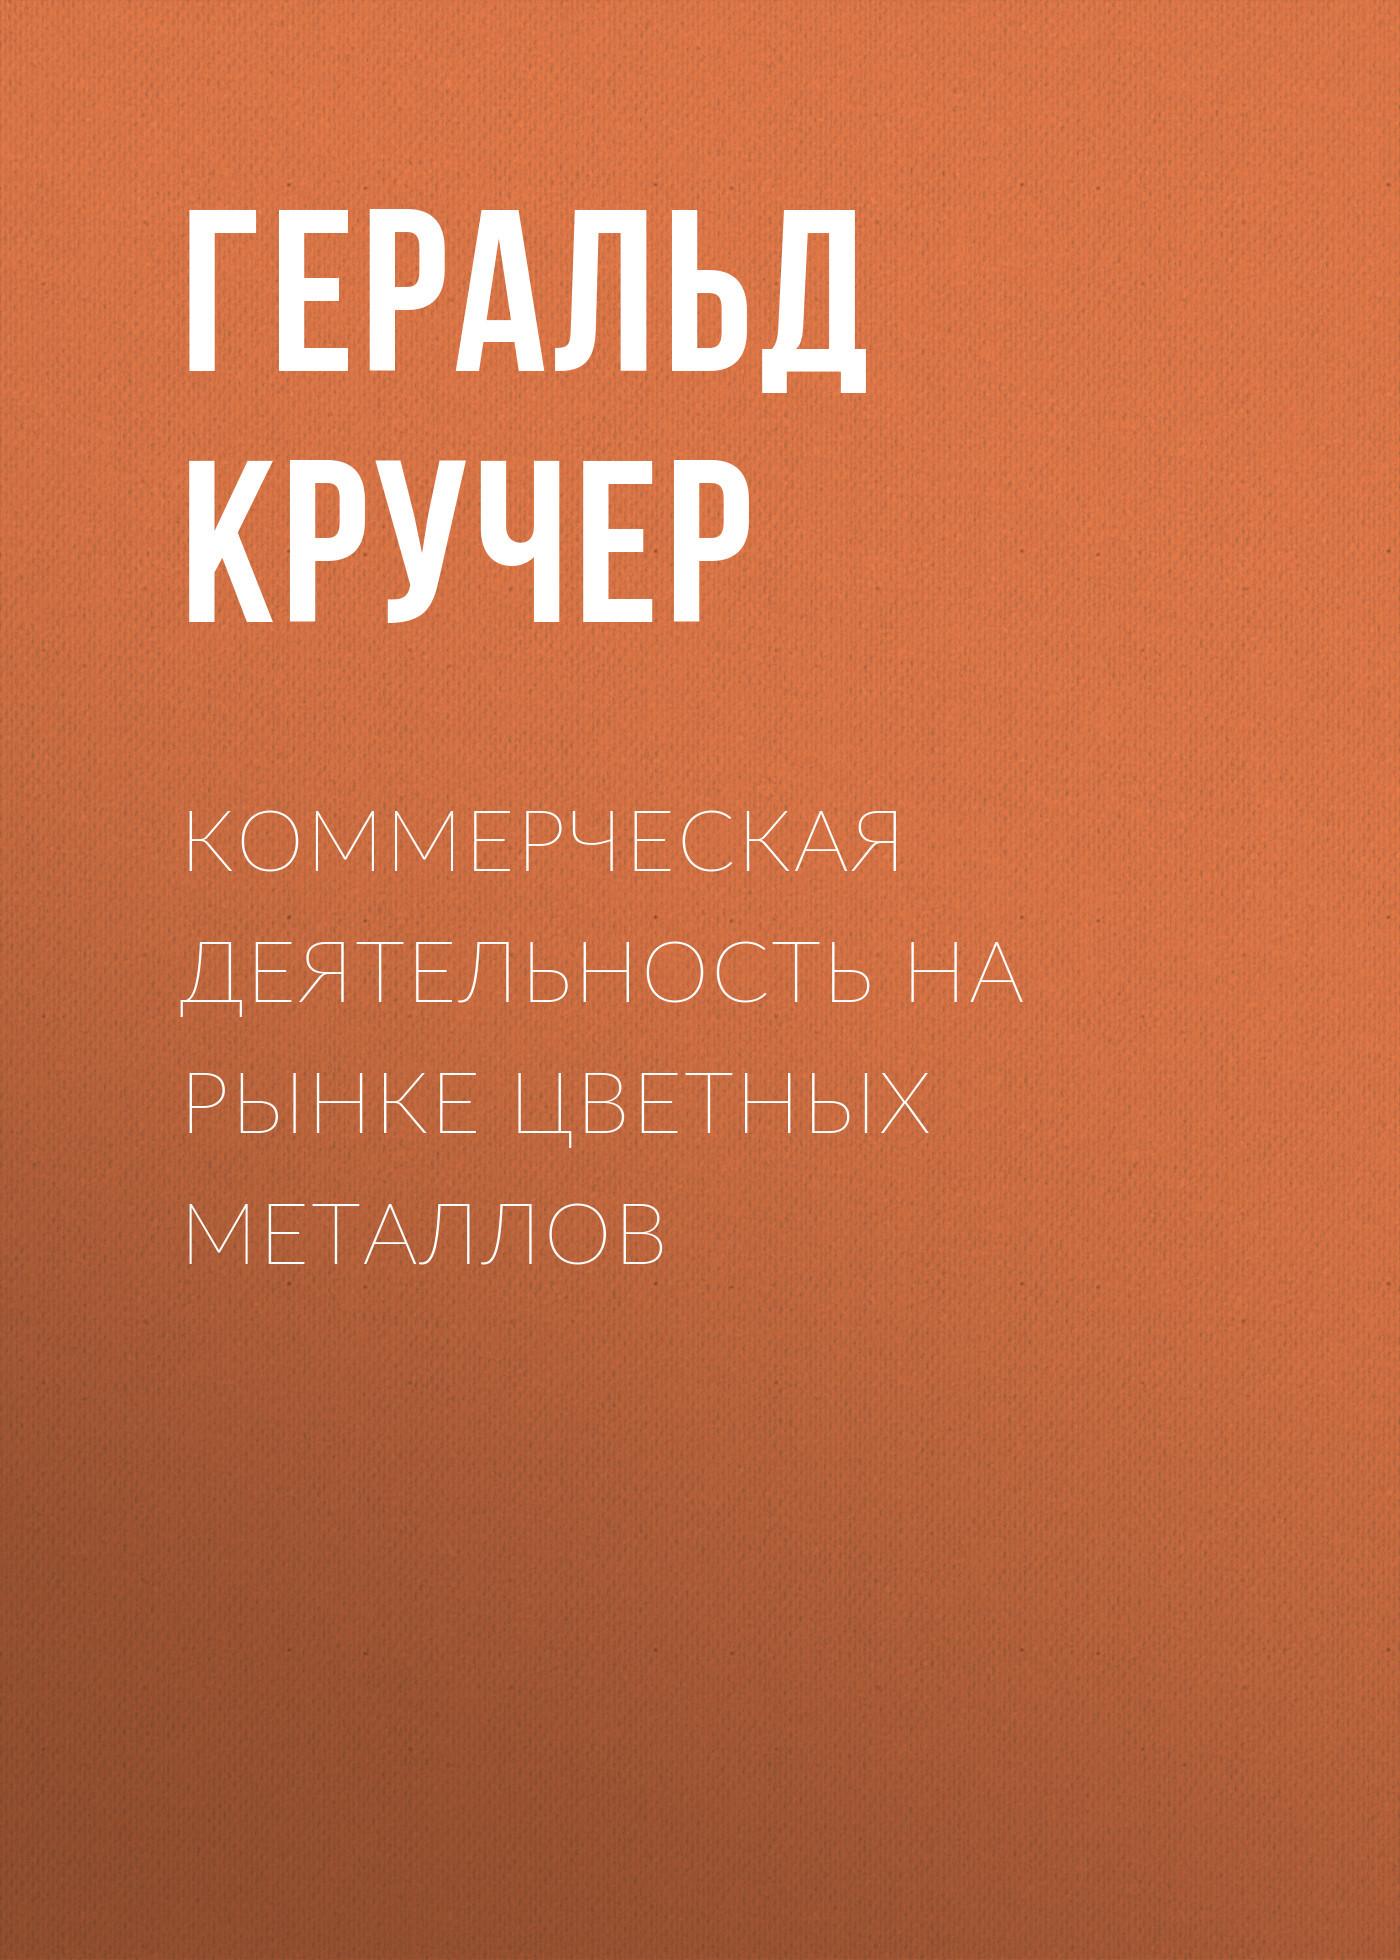 Геральд Кручер Коммерческая деятельность на рынке цветных металлов кабелерез santool для цветных металлов 250 мм 031156 001